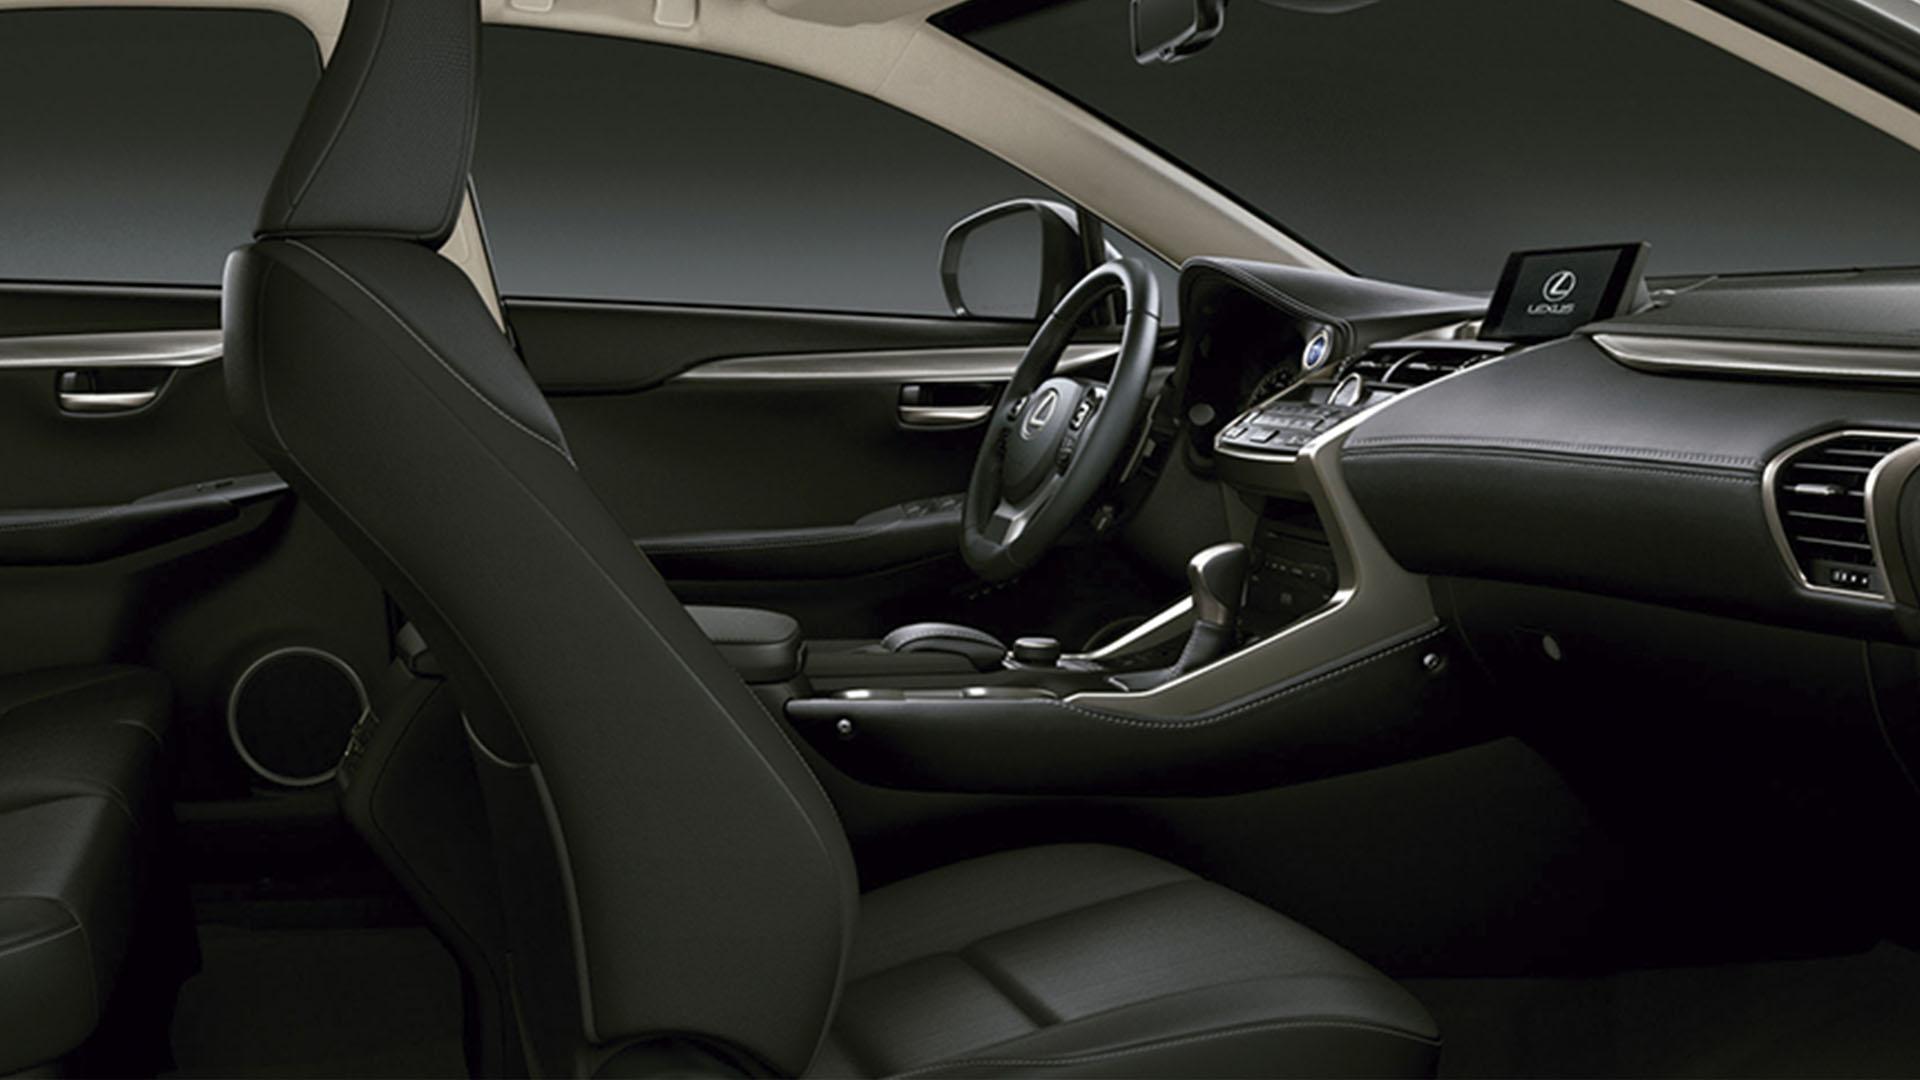 Nueva versión Sport Edition para el Lexus NX 300h hero asset